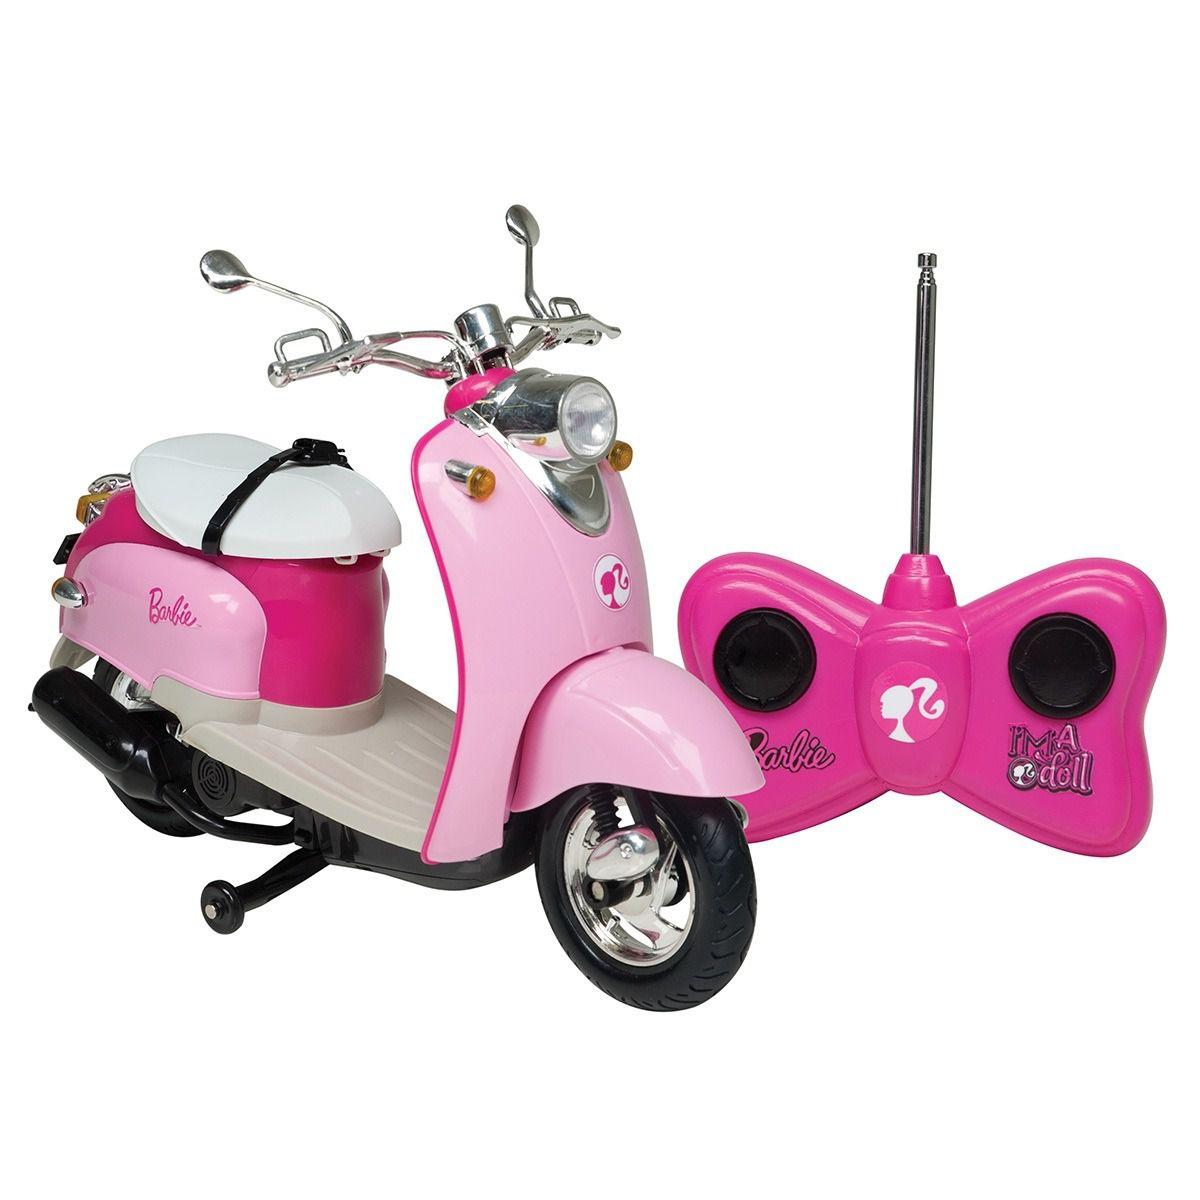 Moto Dreamcycle Barbie Controle Remoto - 7 Funções e Bateria Recarregavel   – Candide